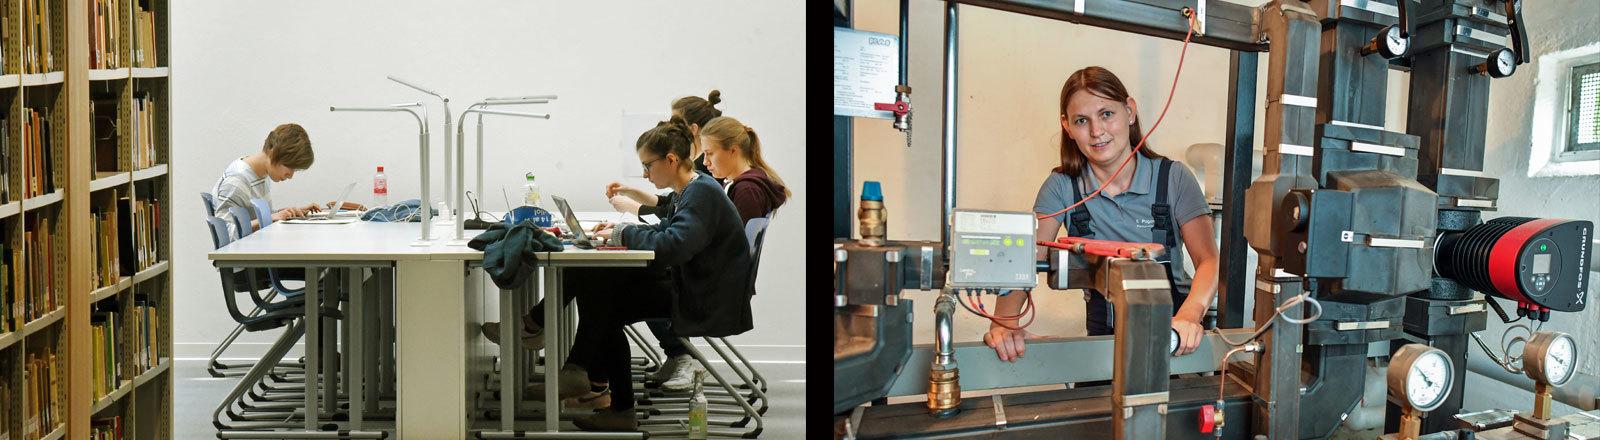 Links, ein Student in der Uni-Bibliothek, rechts eine junge Frau. die hinter Maschinen steht und einen handwerklichen Beruf erlernt.